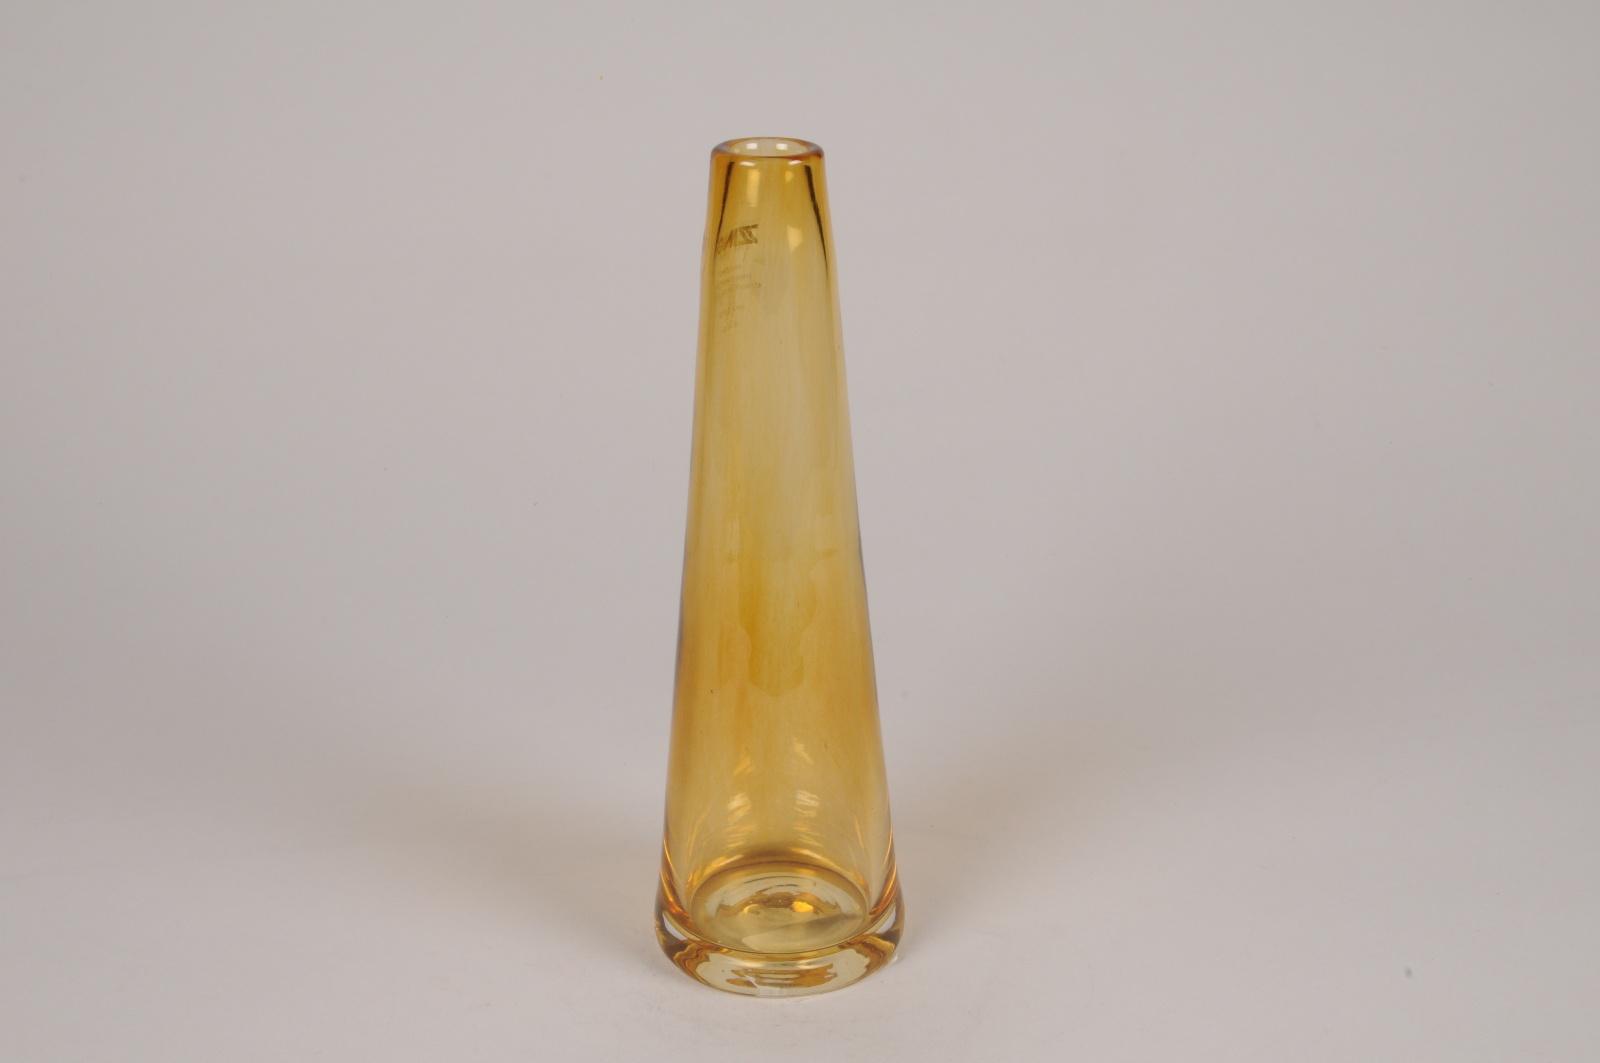 A132R4 Vase en verre ambre D7.5m H24.5cm